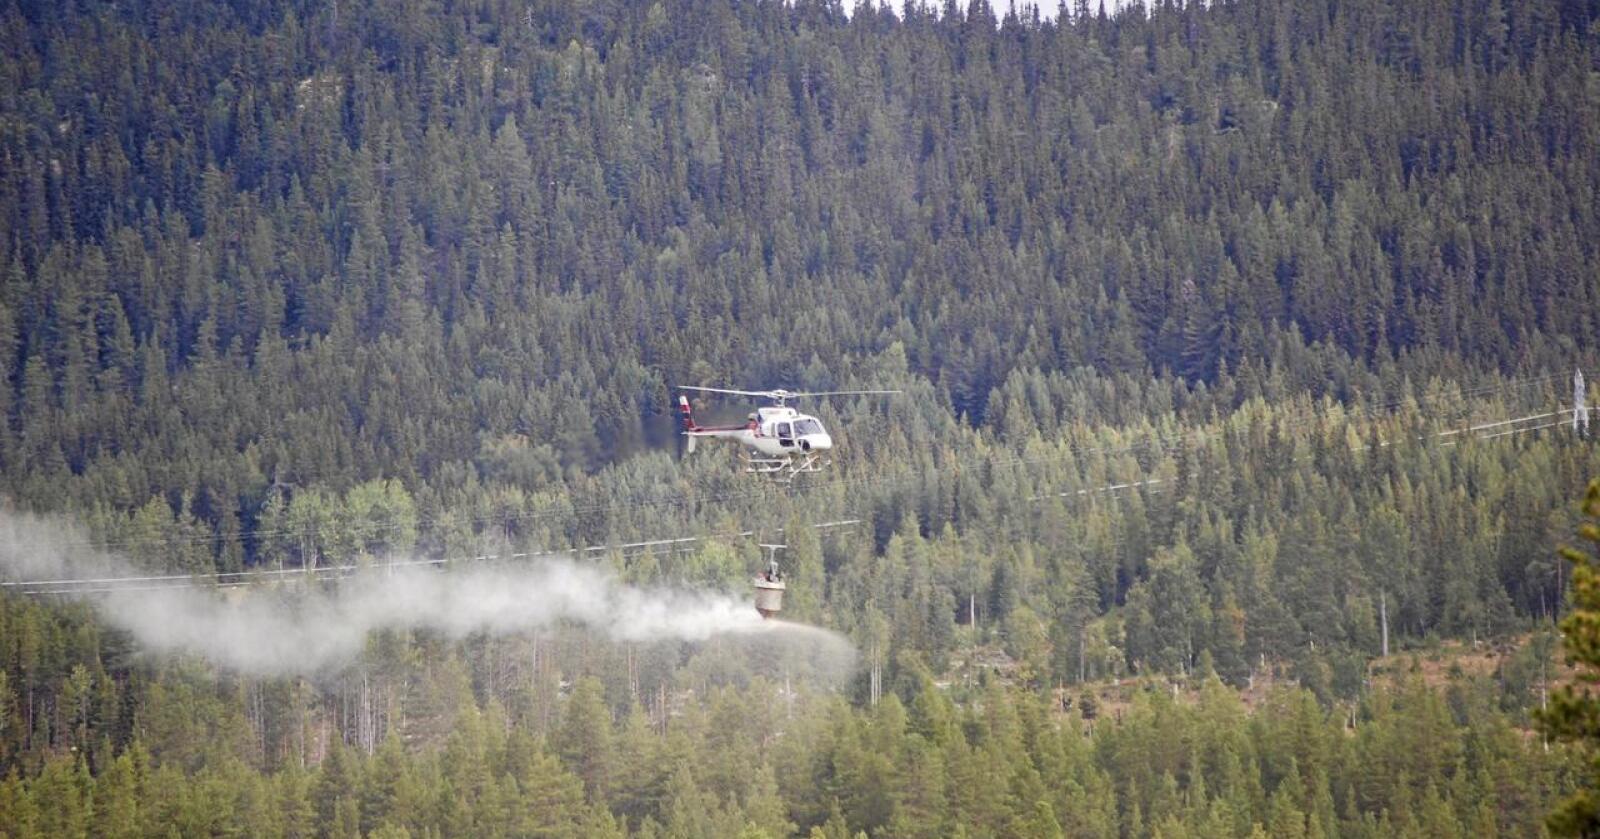 Skoggjødsling: Ett av de ferdig utredede klimatiltakene innen skog som ikke er oppskalert. Foto: Nibio